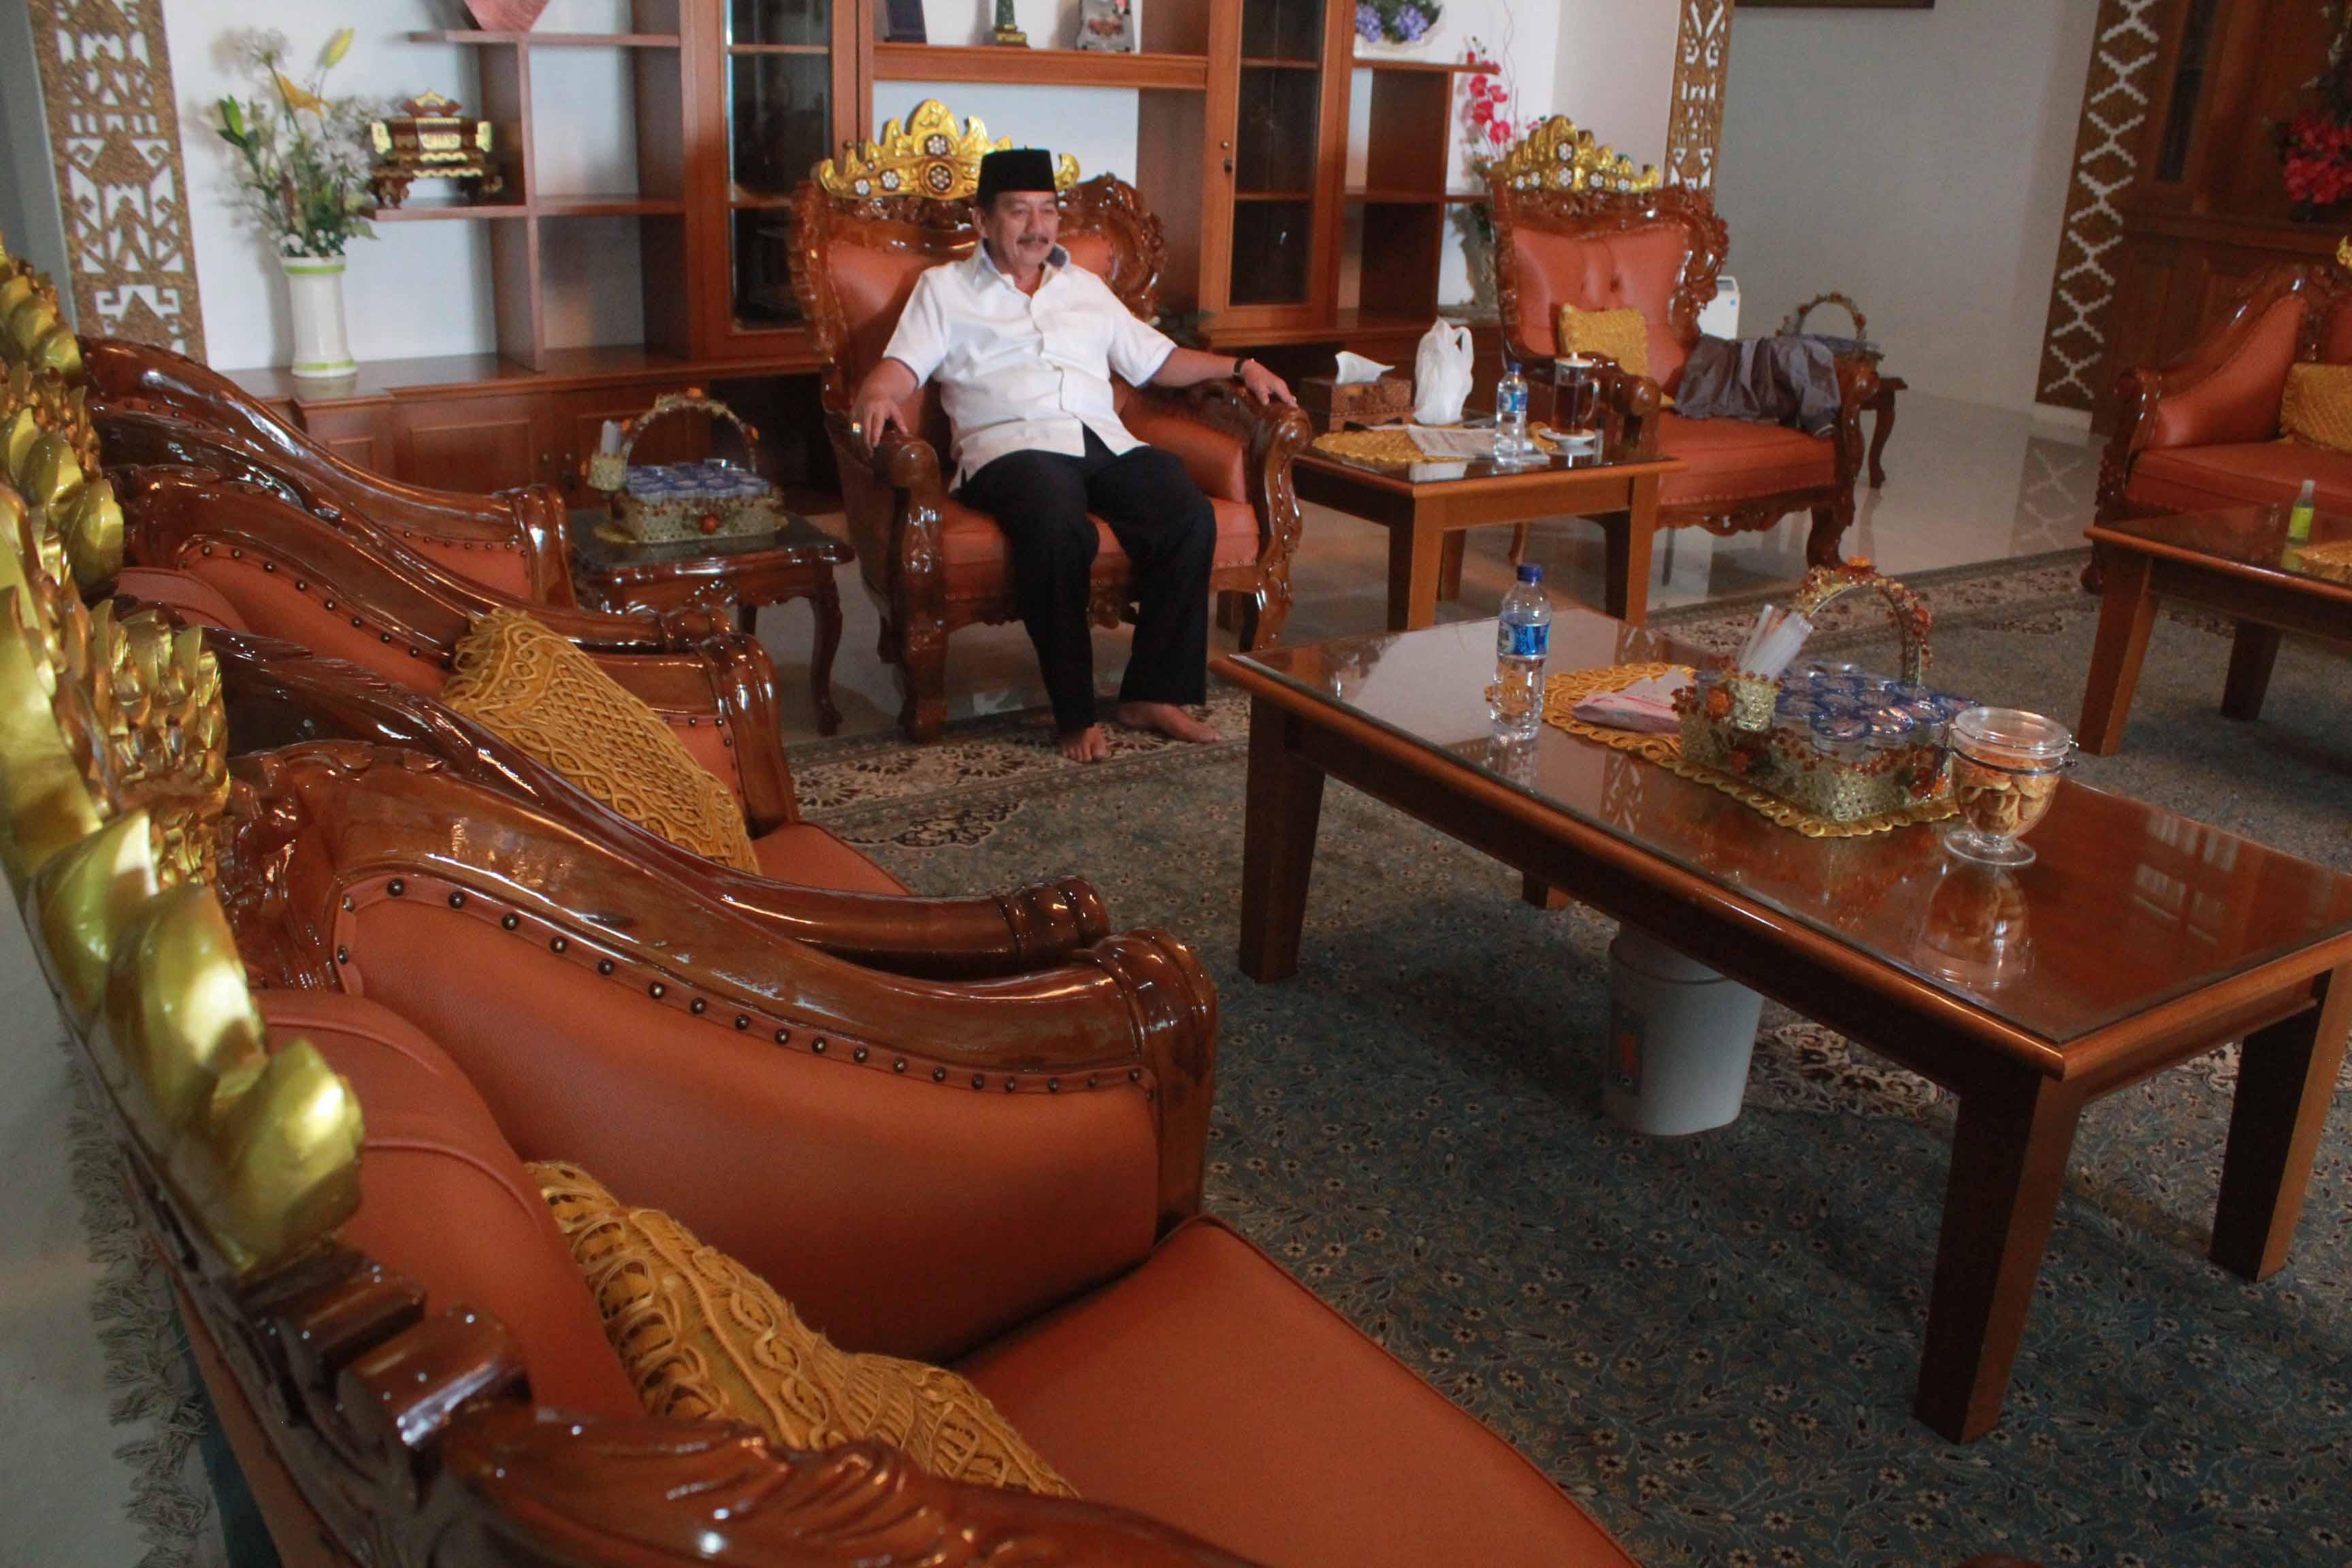 Furniture ruang tamu rumah dinas Walikota Bandarlampung Herman HN.